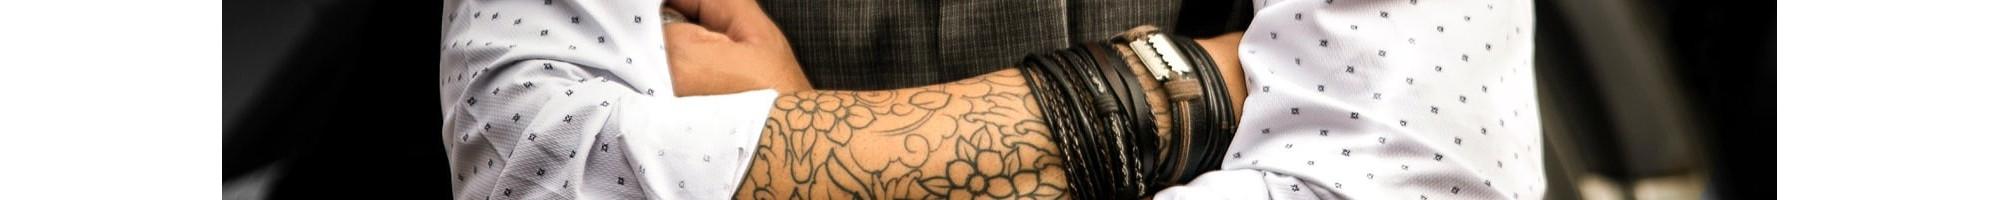 Herren Armbänder | Armbänder für Männer - Online ab 15€ | BIJOU BOX